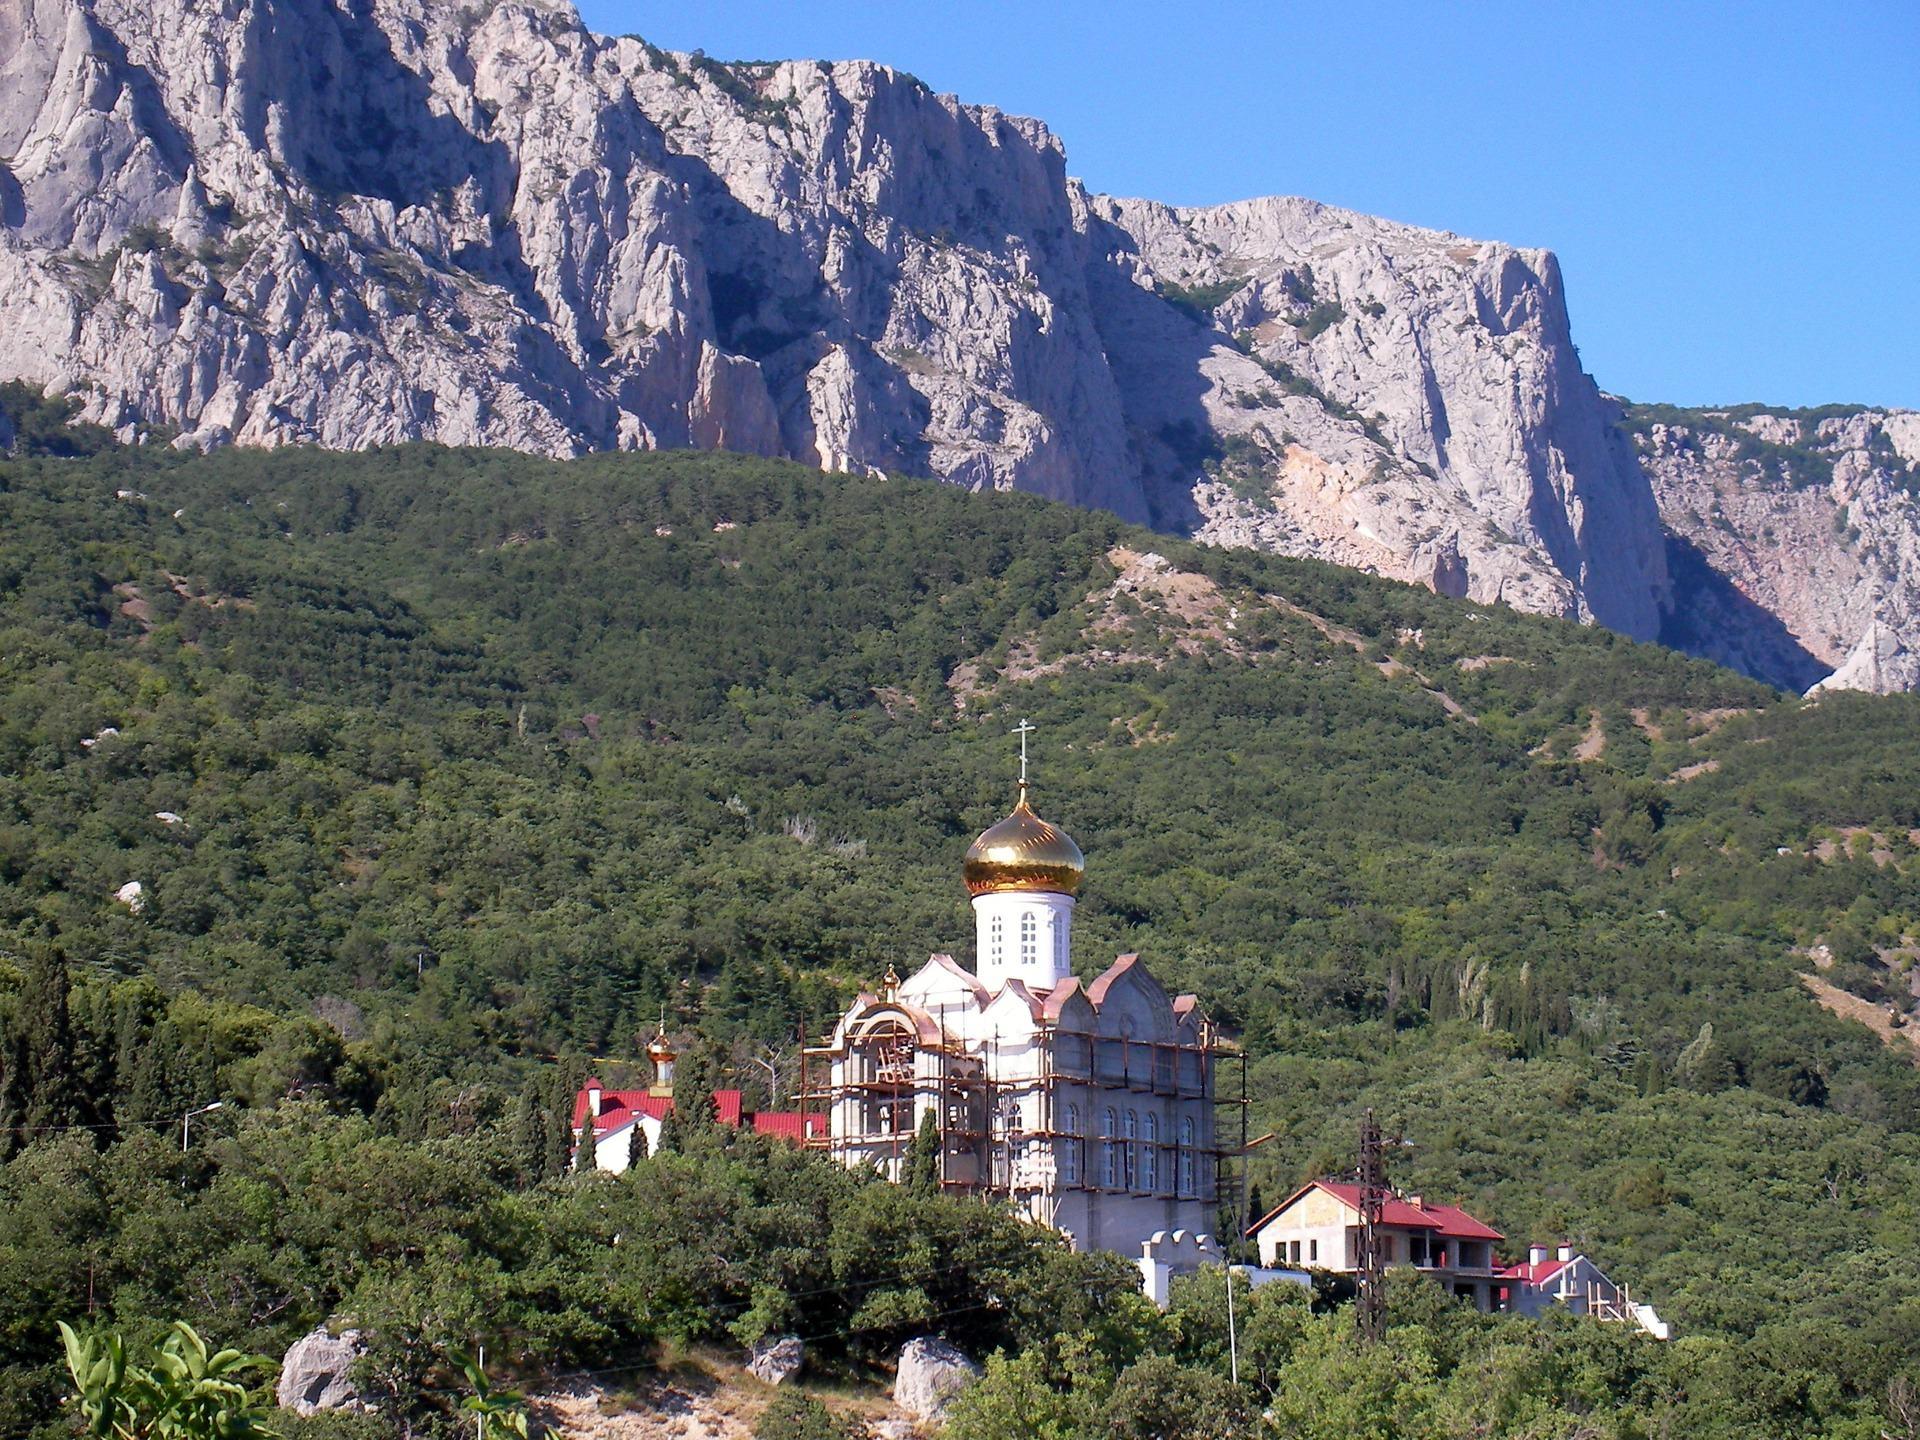 Kirche der Kasaner Ikone der Mutter Gottes in den Bergen im Hintergrund Kastropol Baidaro-Kastropol Wand auf der Krim